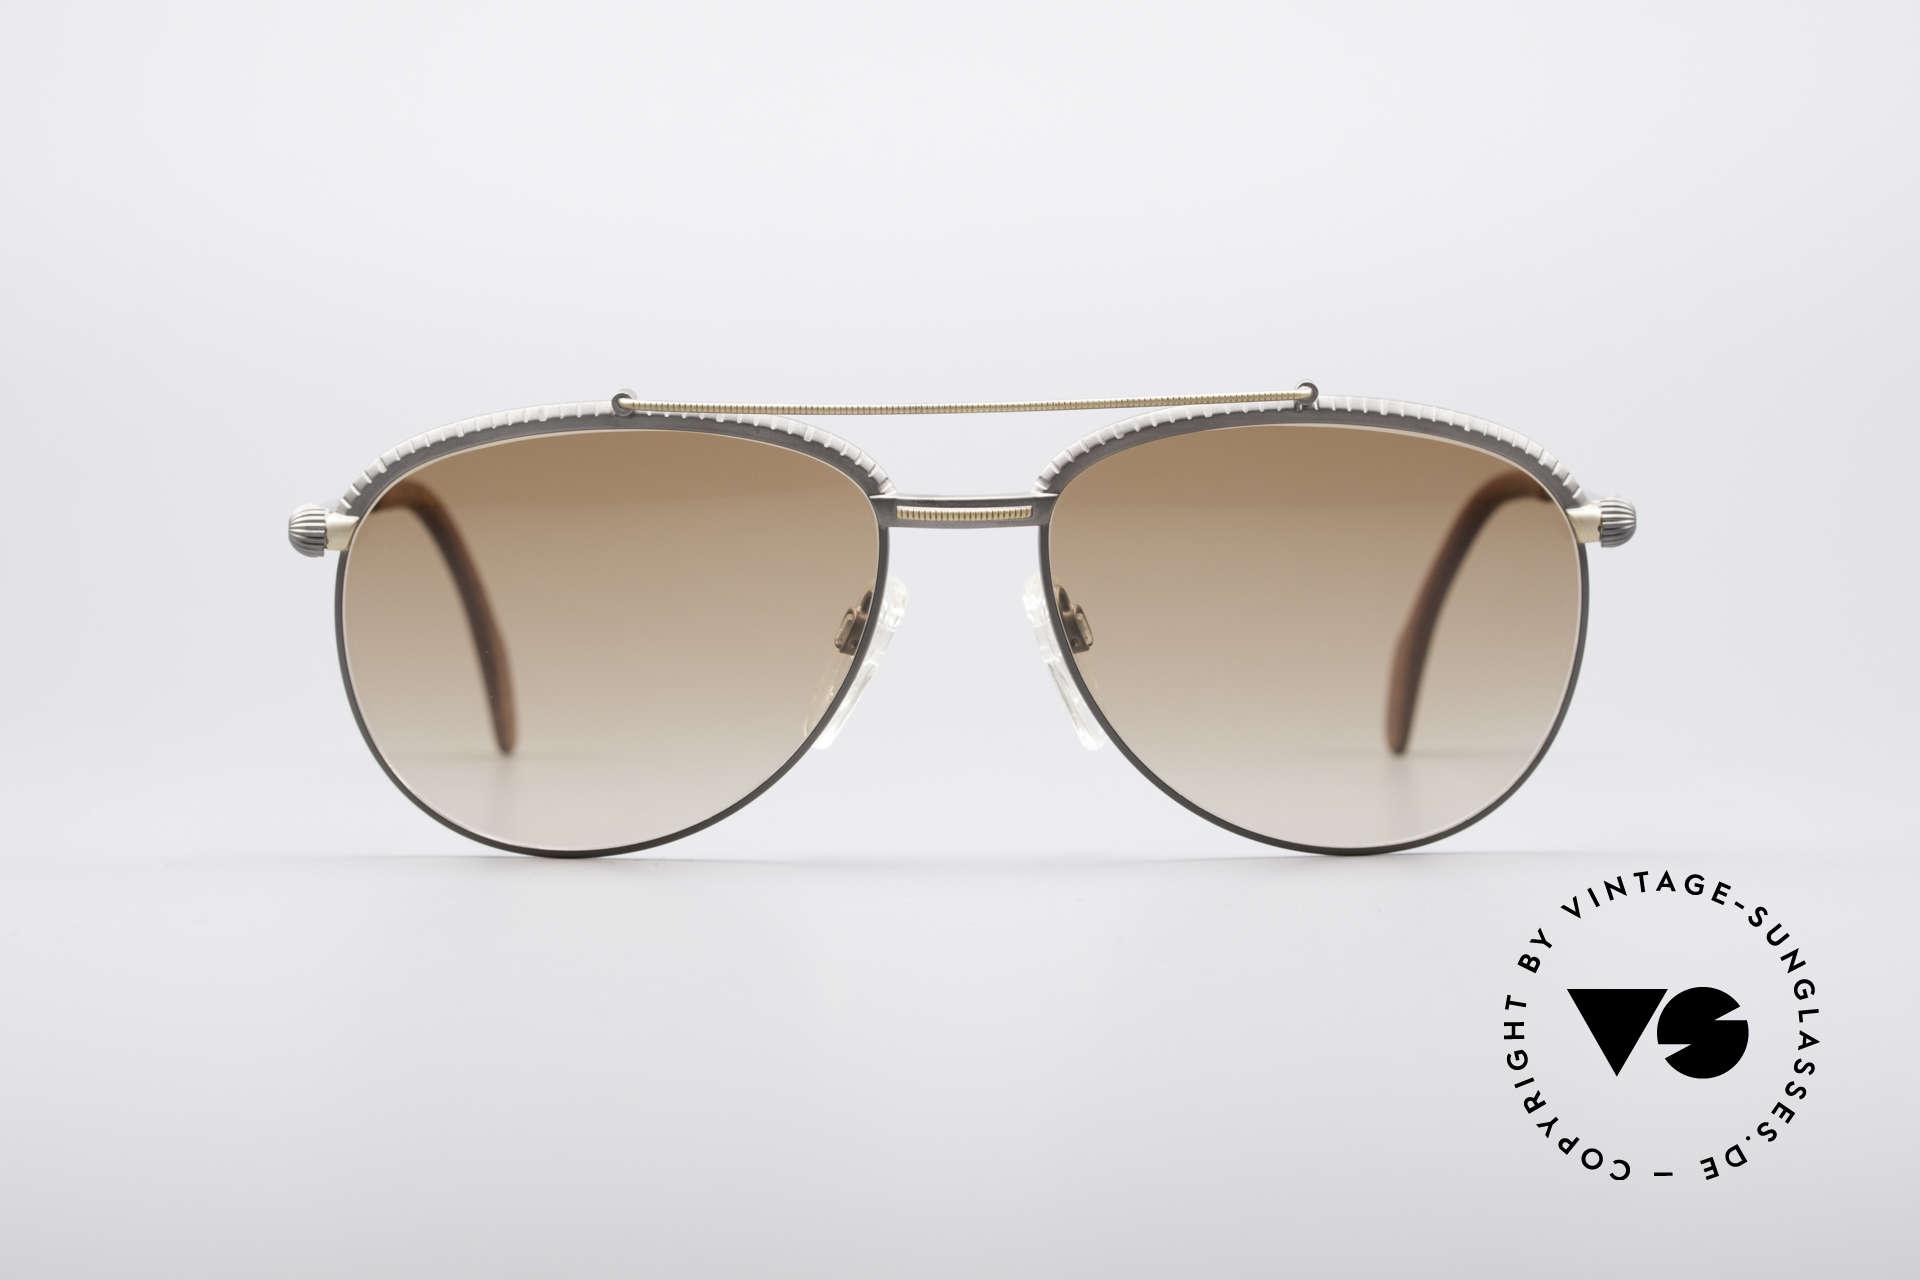 Longines 0161 80er Luxus Sonnenbrille, enorme Qualität (made in Germany); Federscharniere, Passend für Herren